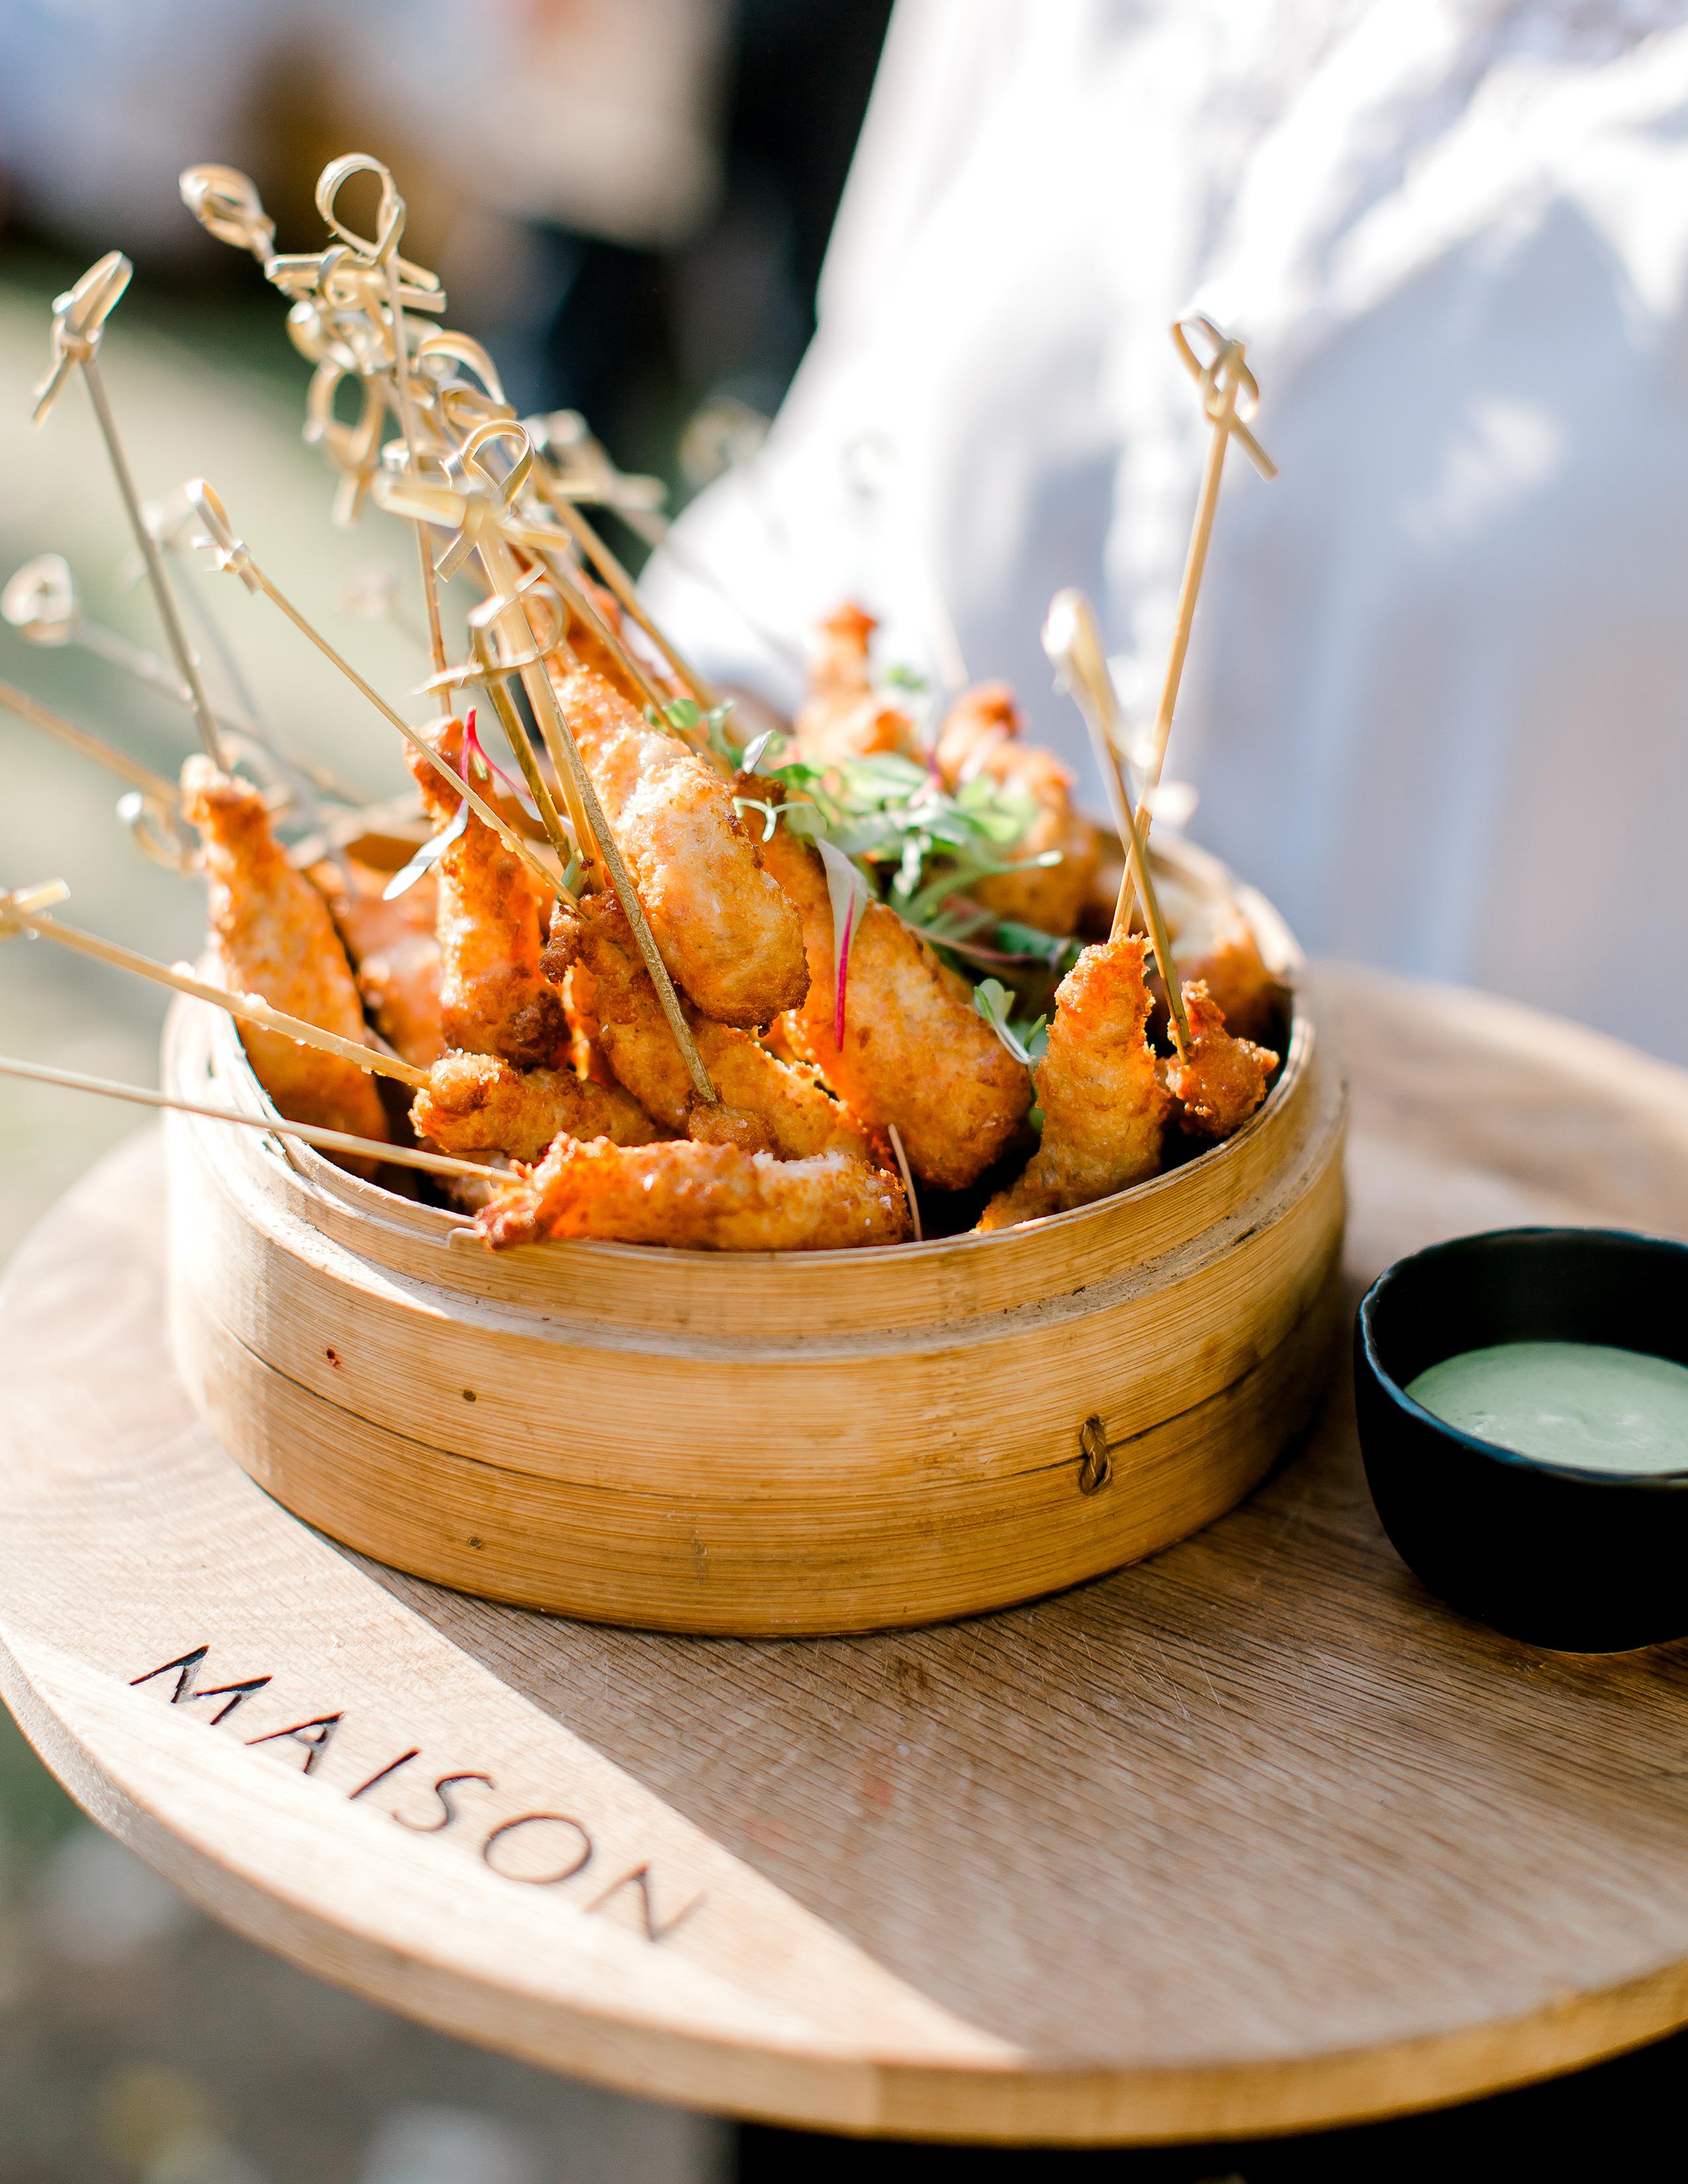 rorisang stephen wedding food prawns